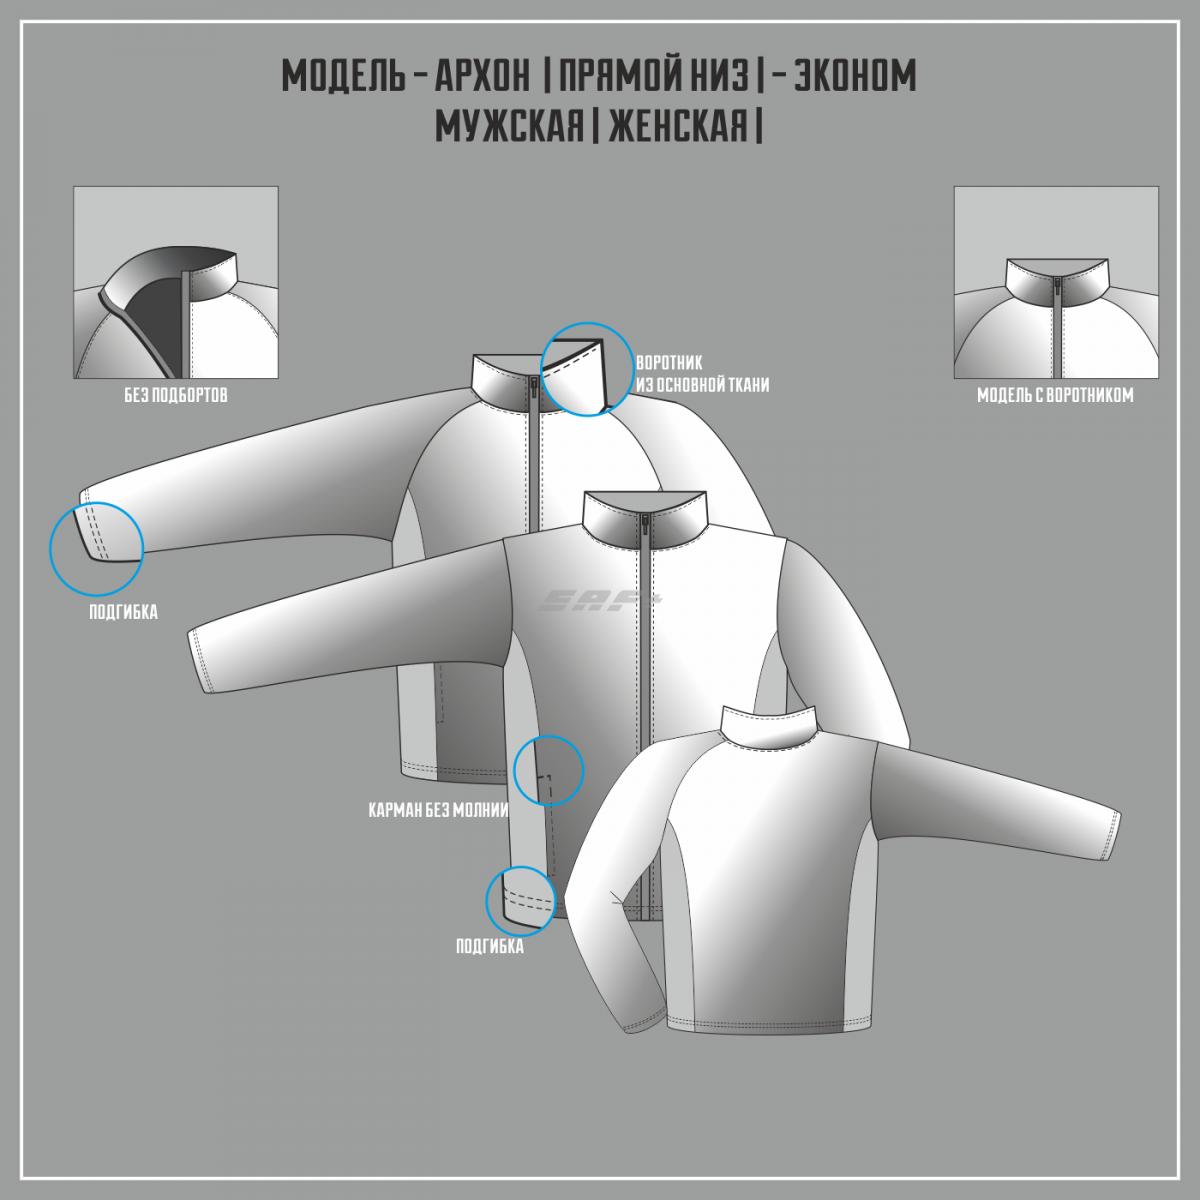 АРХОН-СУПЕРЭЛАСТИК ЭКОНОМ куртка прямой низ (Частичная сублимация)